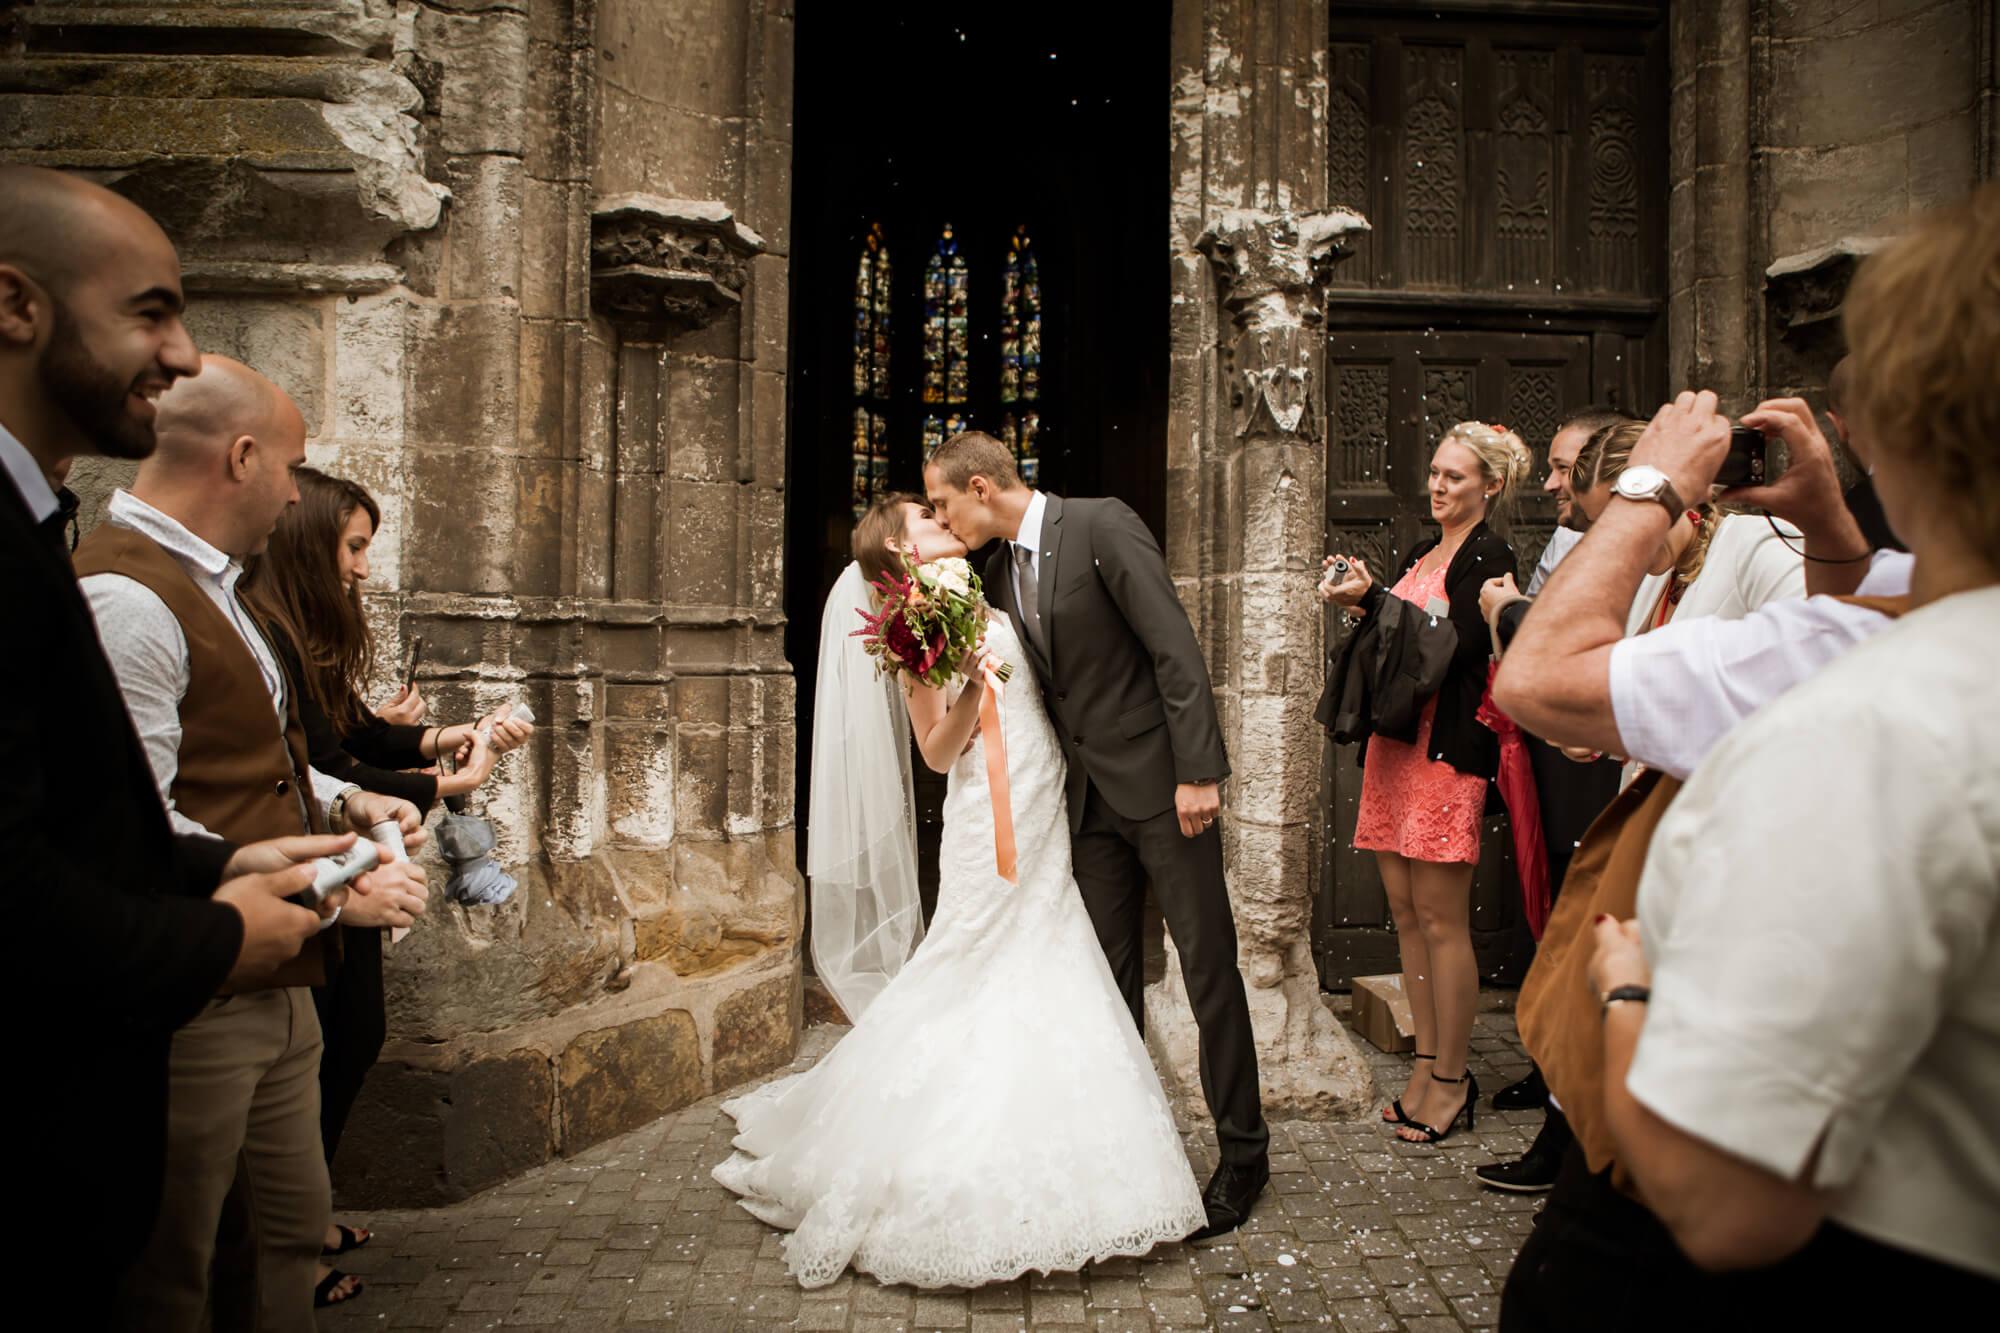 Marige à l'église empreinte éphémère